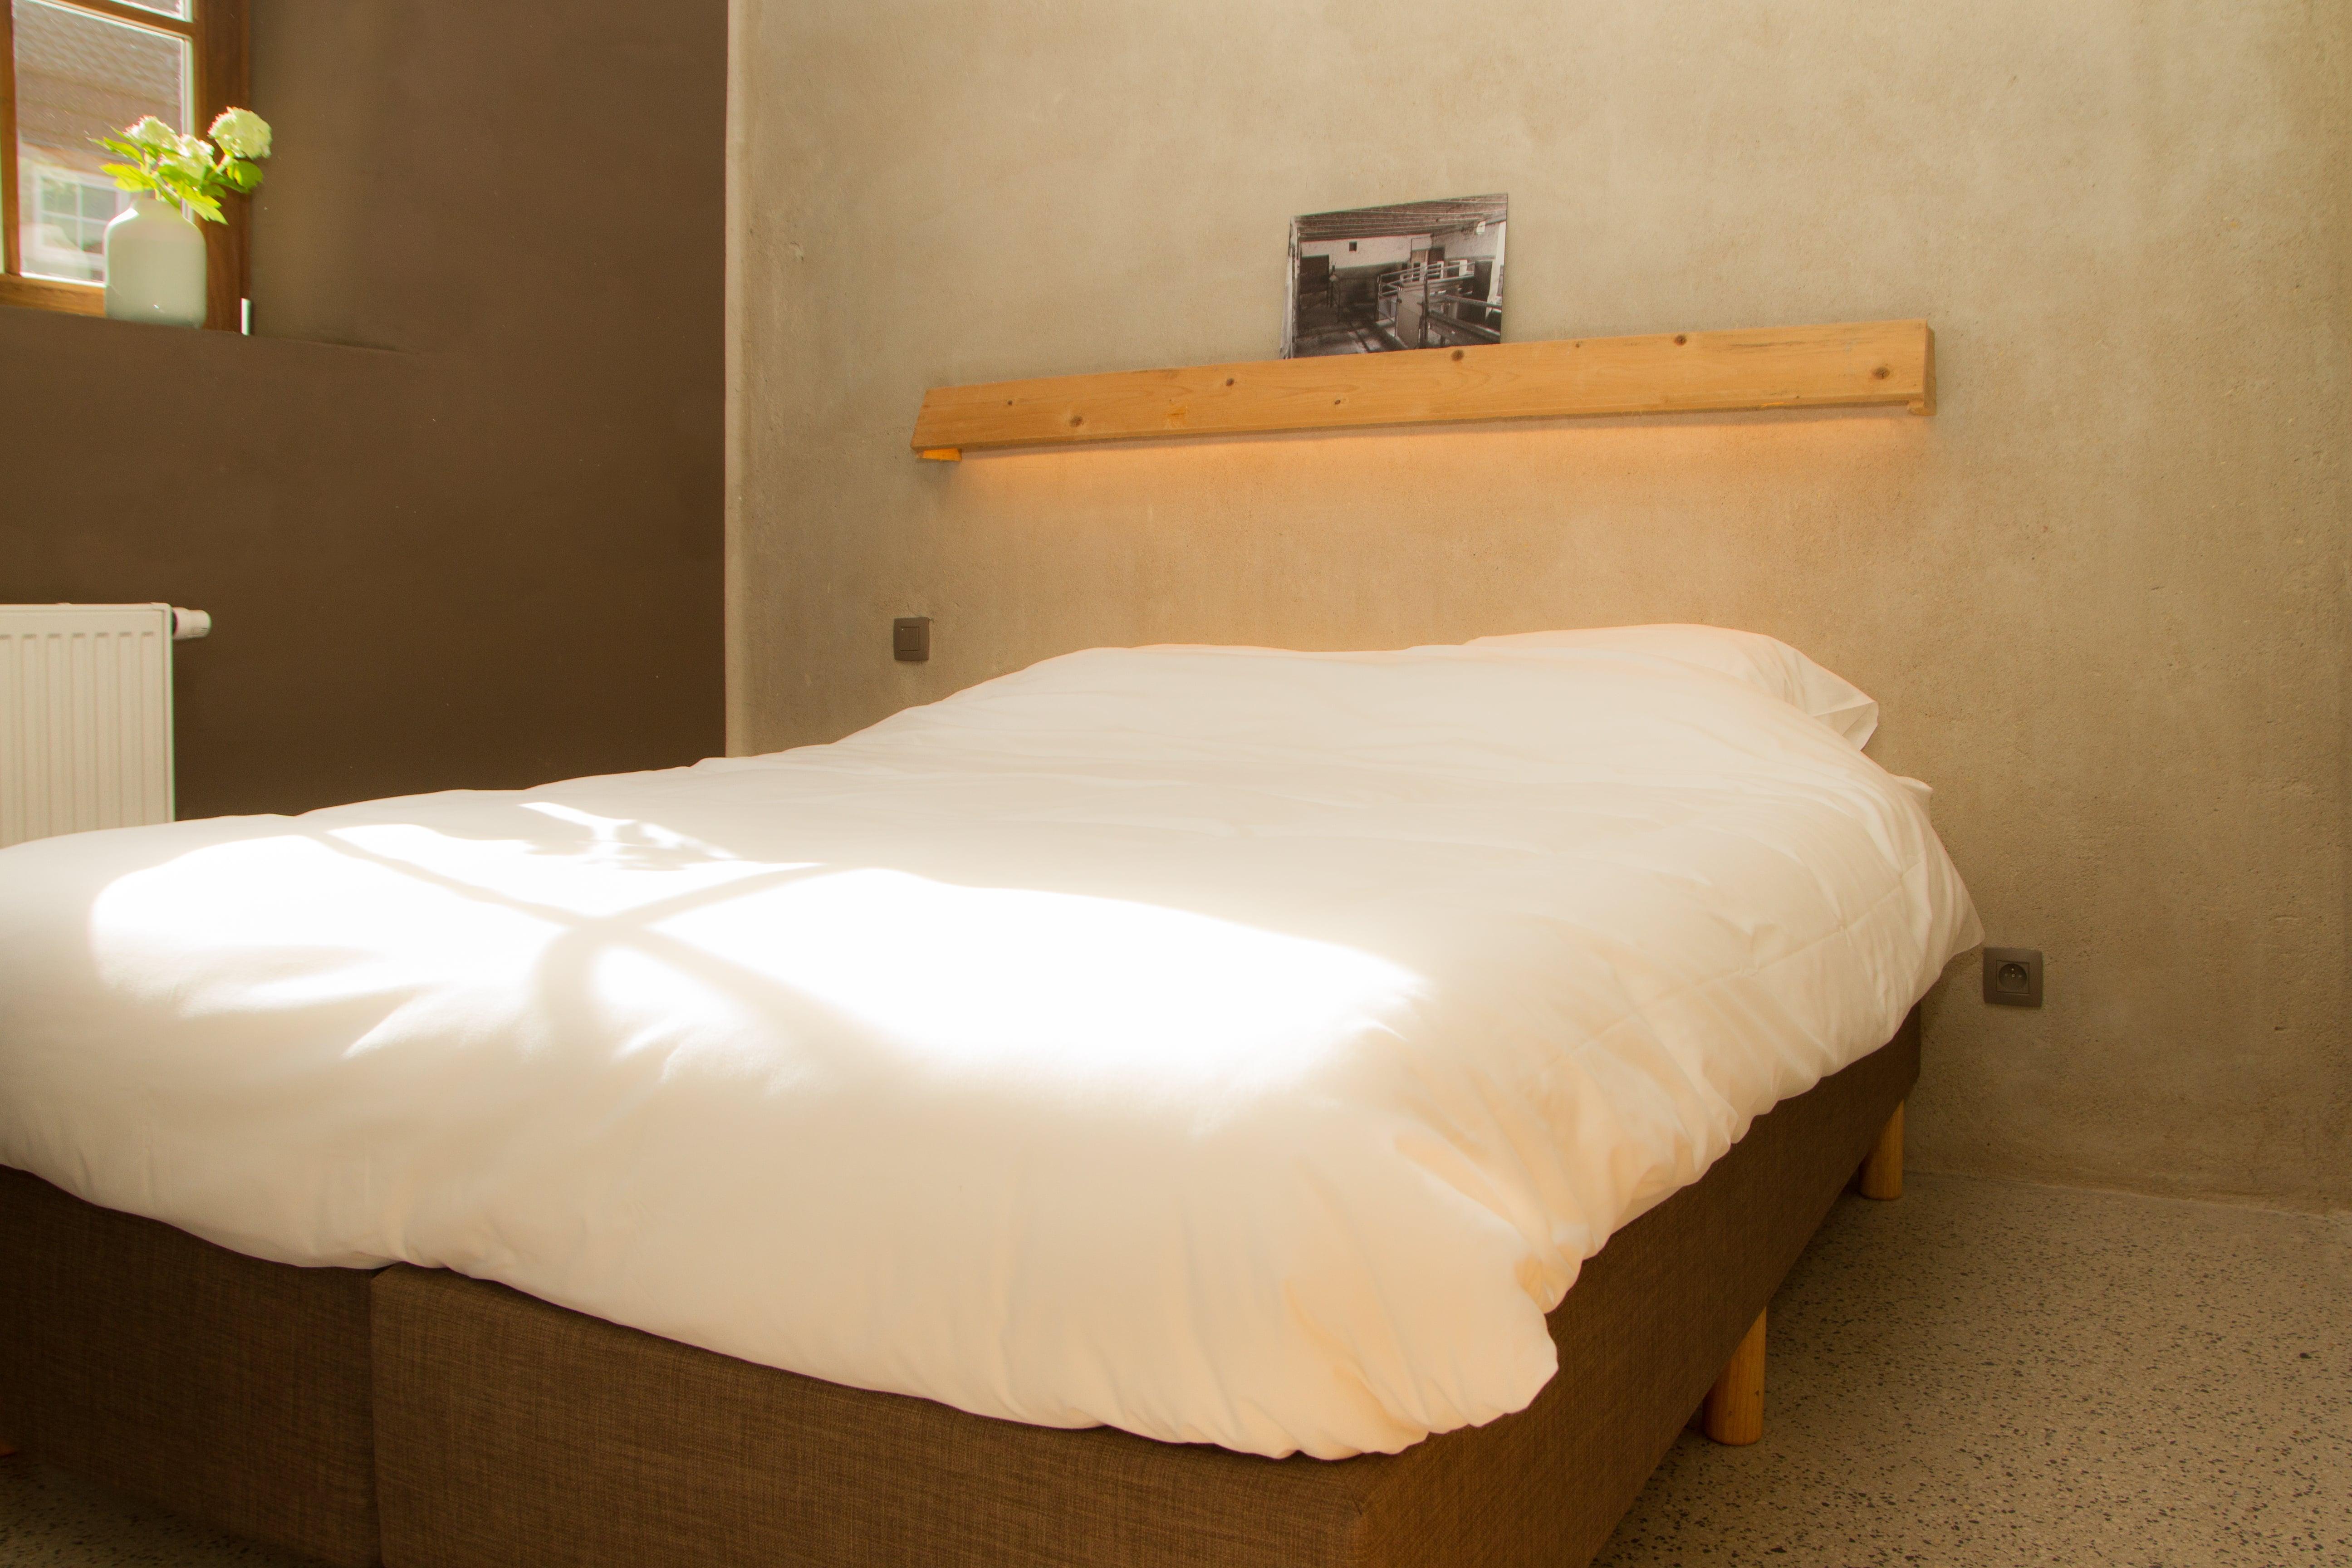 Eyndevelde de vakantiewoning LEEM living reservaties voor 4 personen in de Vlaamse Ardennen